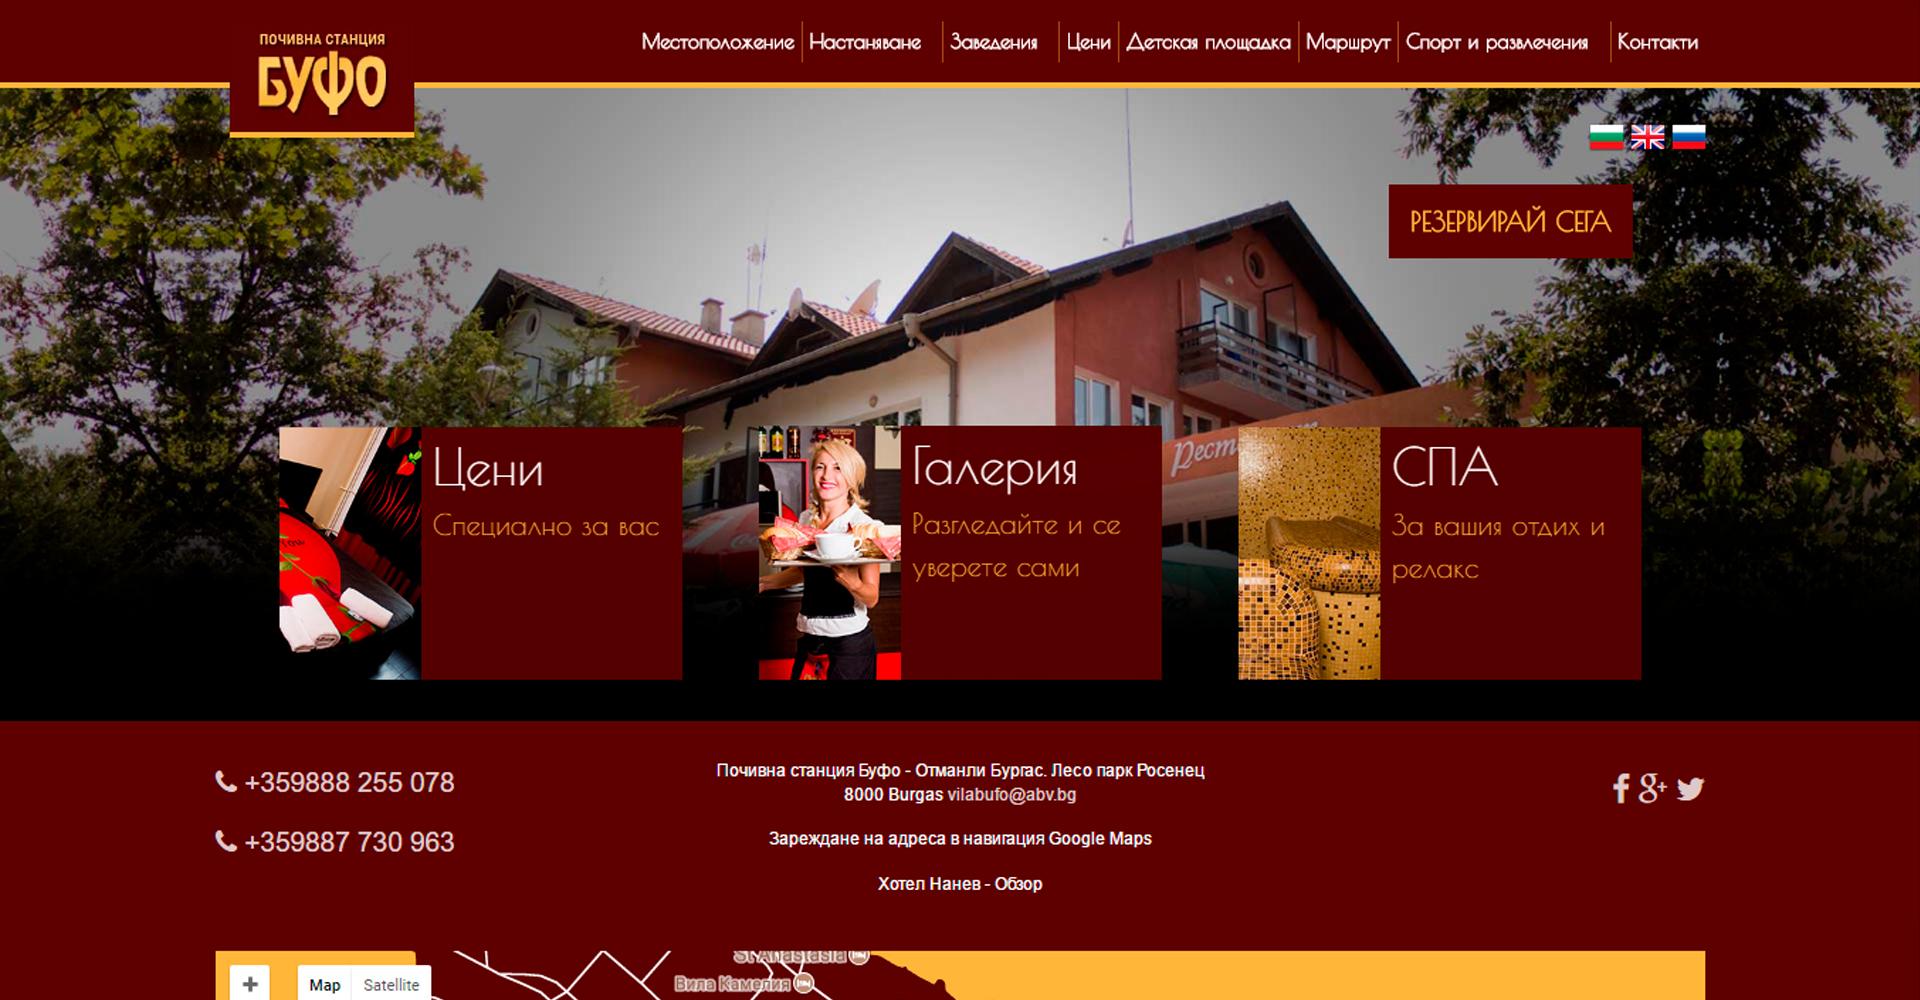 презентационнен уеб сайт за вила буфо отманли